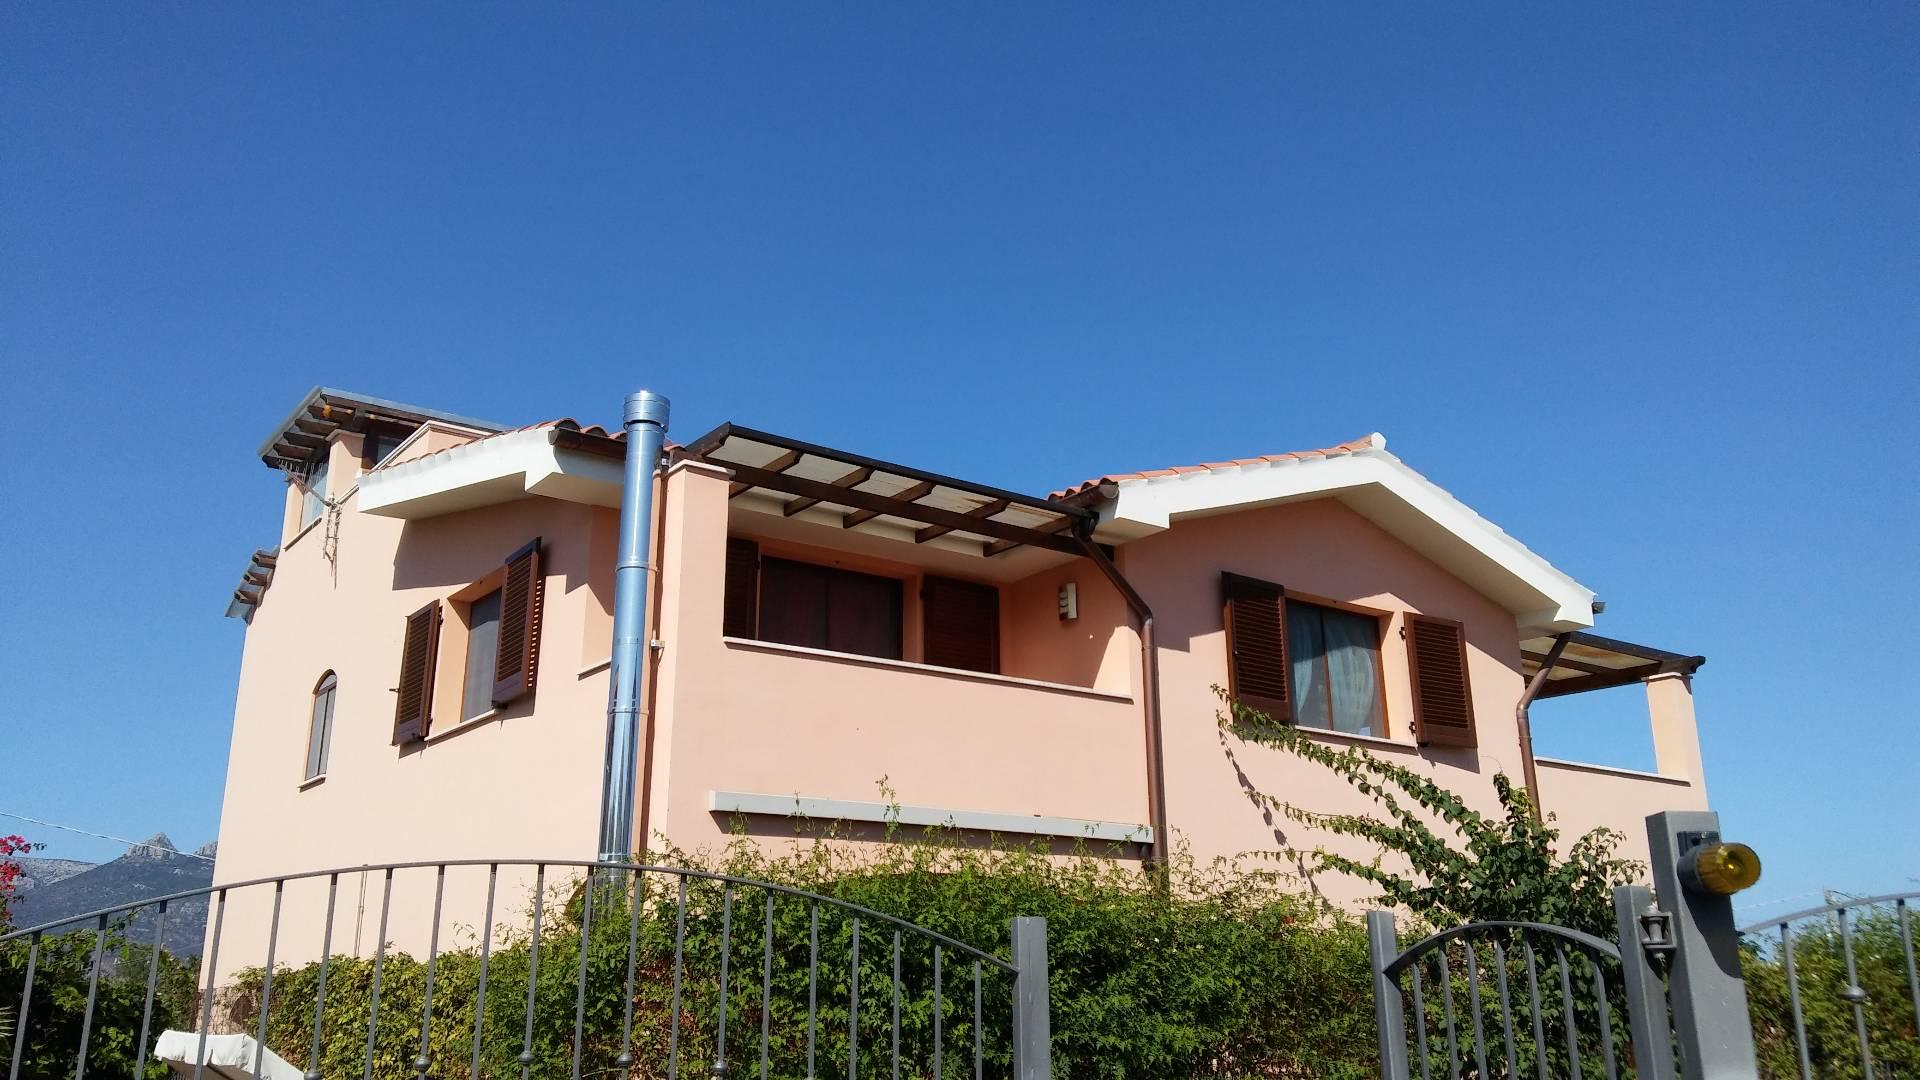 Appartamento in vendita a Girasole, 3 locali, prezzo € 150.000 | Cambio Casa.it